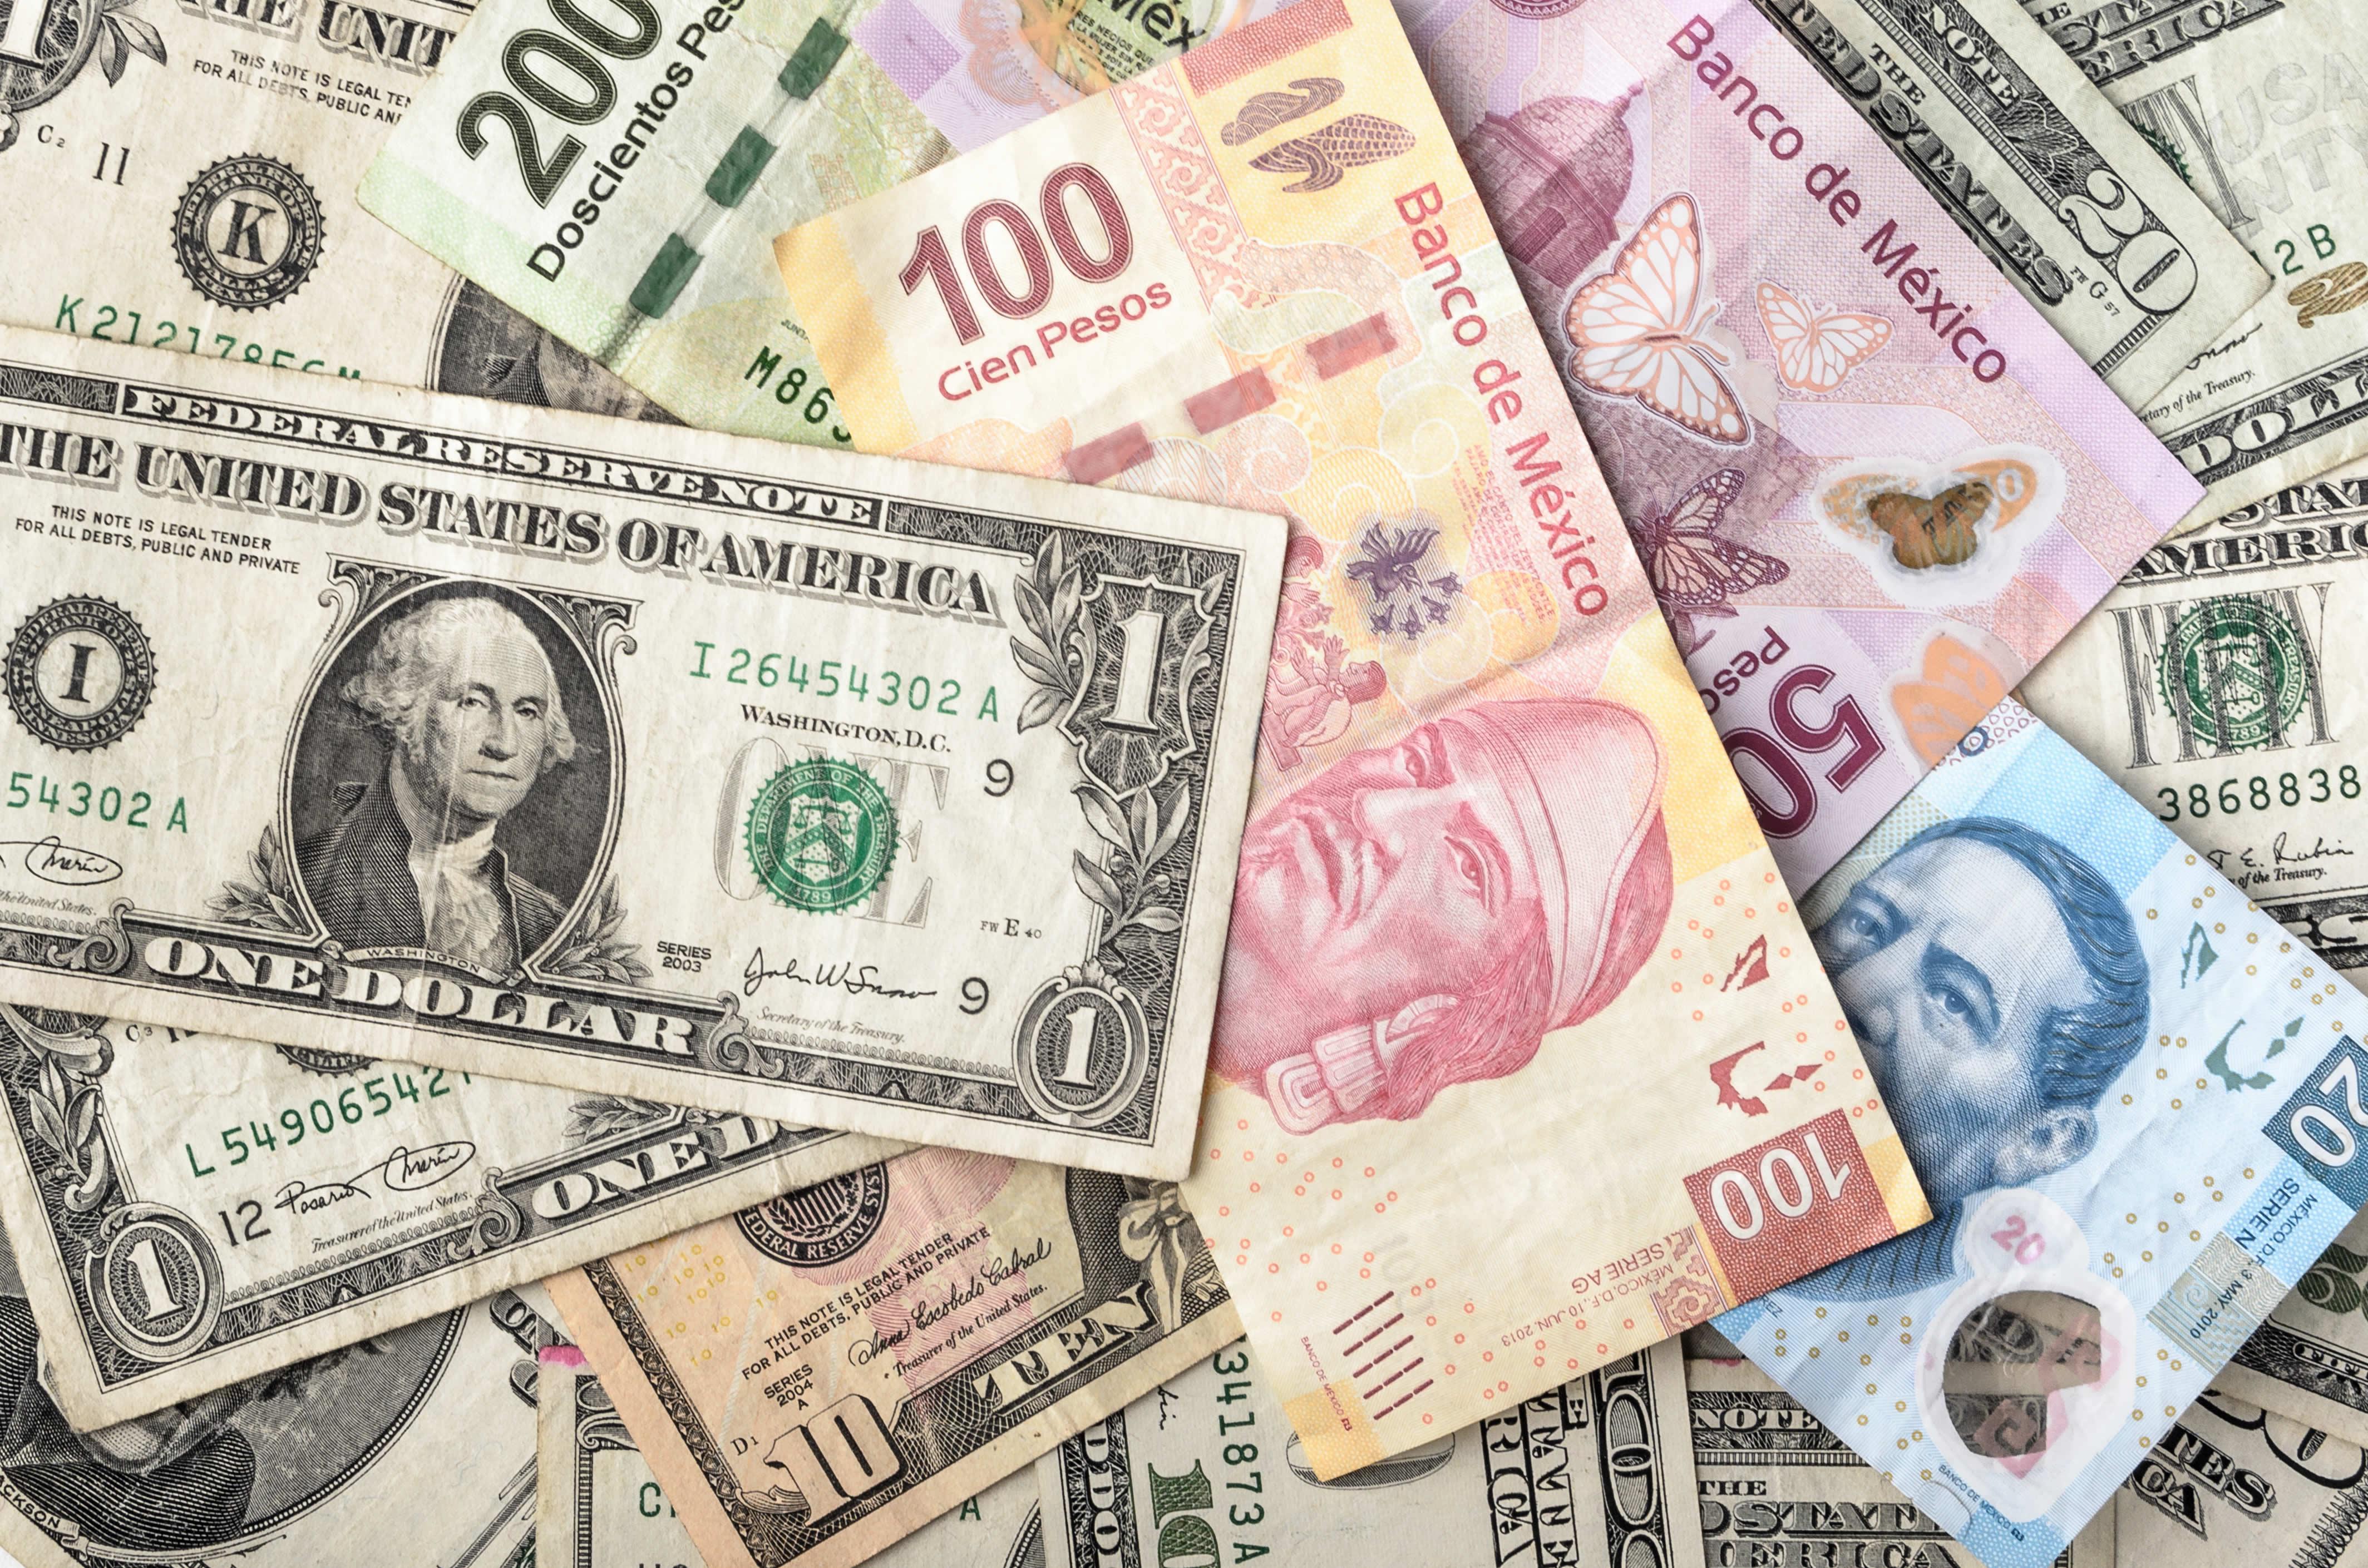 Cambiar de Peso Mexicano a Euro Cambiar de Euro a Peso Mexicano Evolución del cambio Euro Peso Mexicano La tabla de los tipos de cambio históricos por fechas reportada en esta página se basa en la cotizaciones diaria de referencia con el euro publicadas por el Banco Central Europeo (BCE).